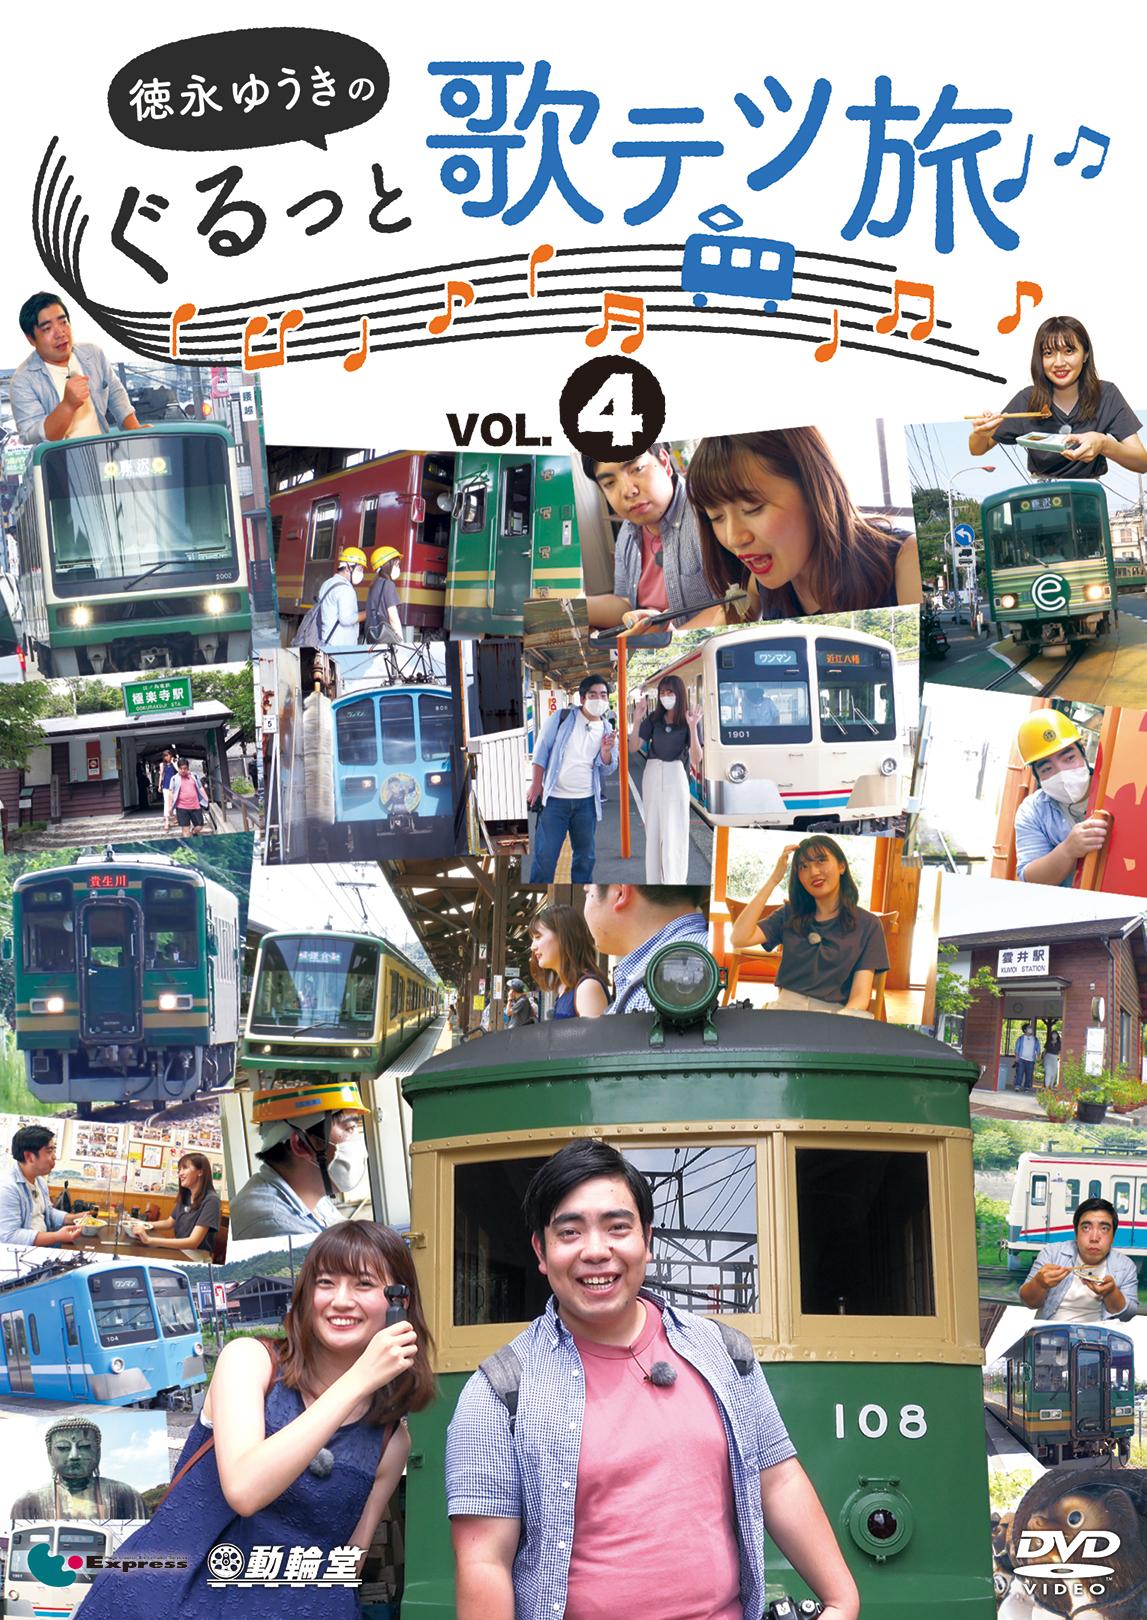 徳永ゆうきのぐるっと歌テツ旅 VOL.1/VOL.2/VOL.3/VOL.4【2021/8/21発売】